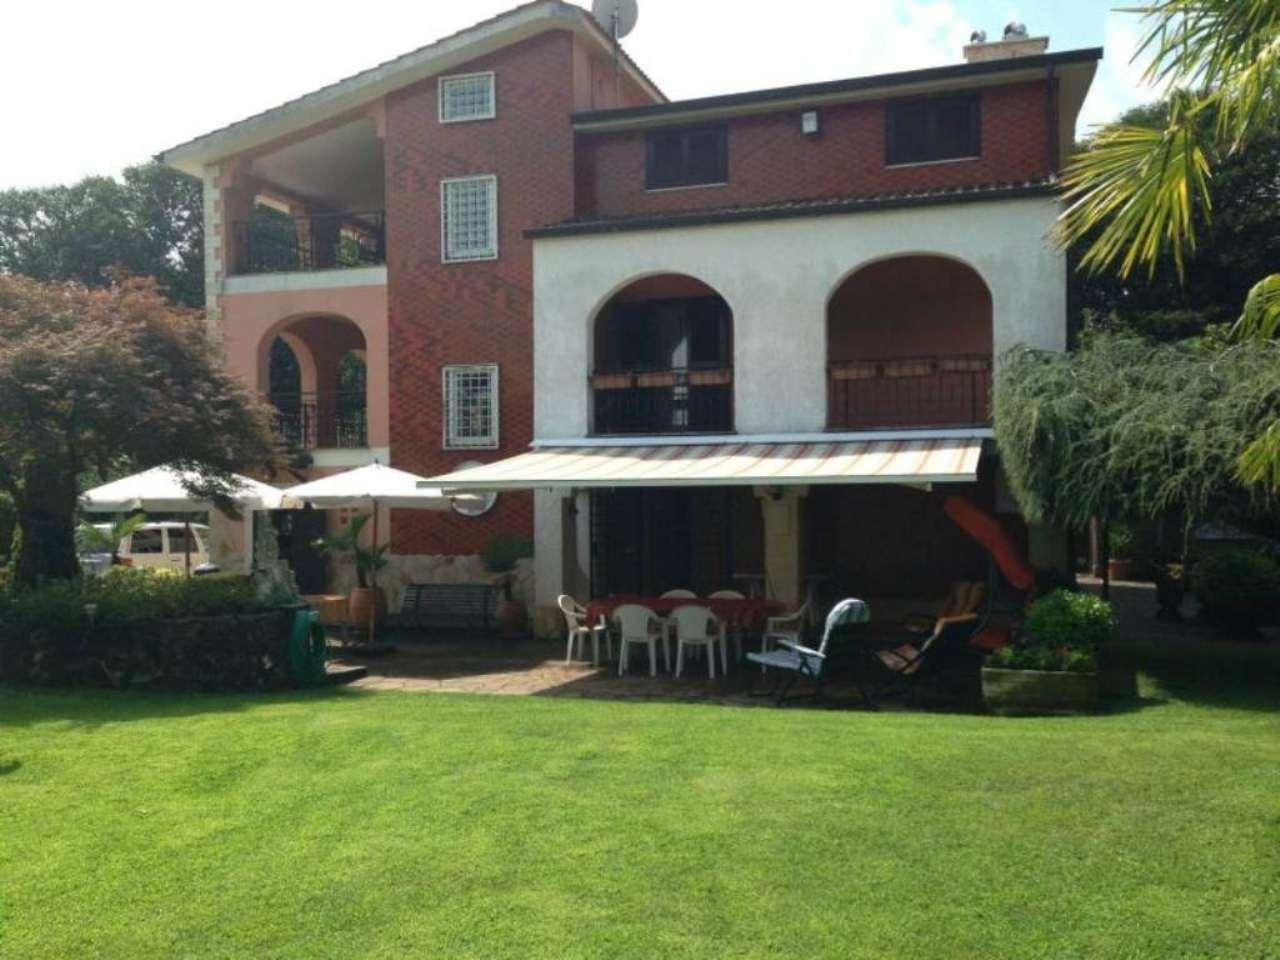 Villa in vendita a Rocca Priora, 14 locali, prezzo € 485.000 | Cambio Casa.it